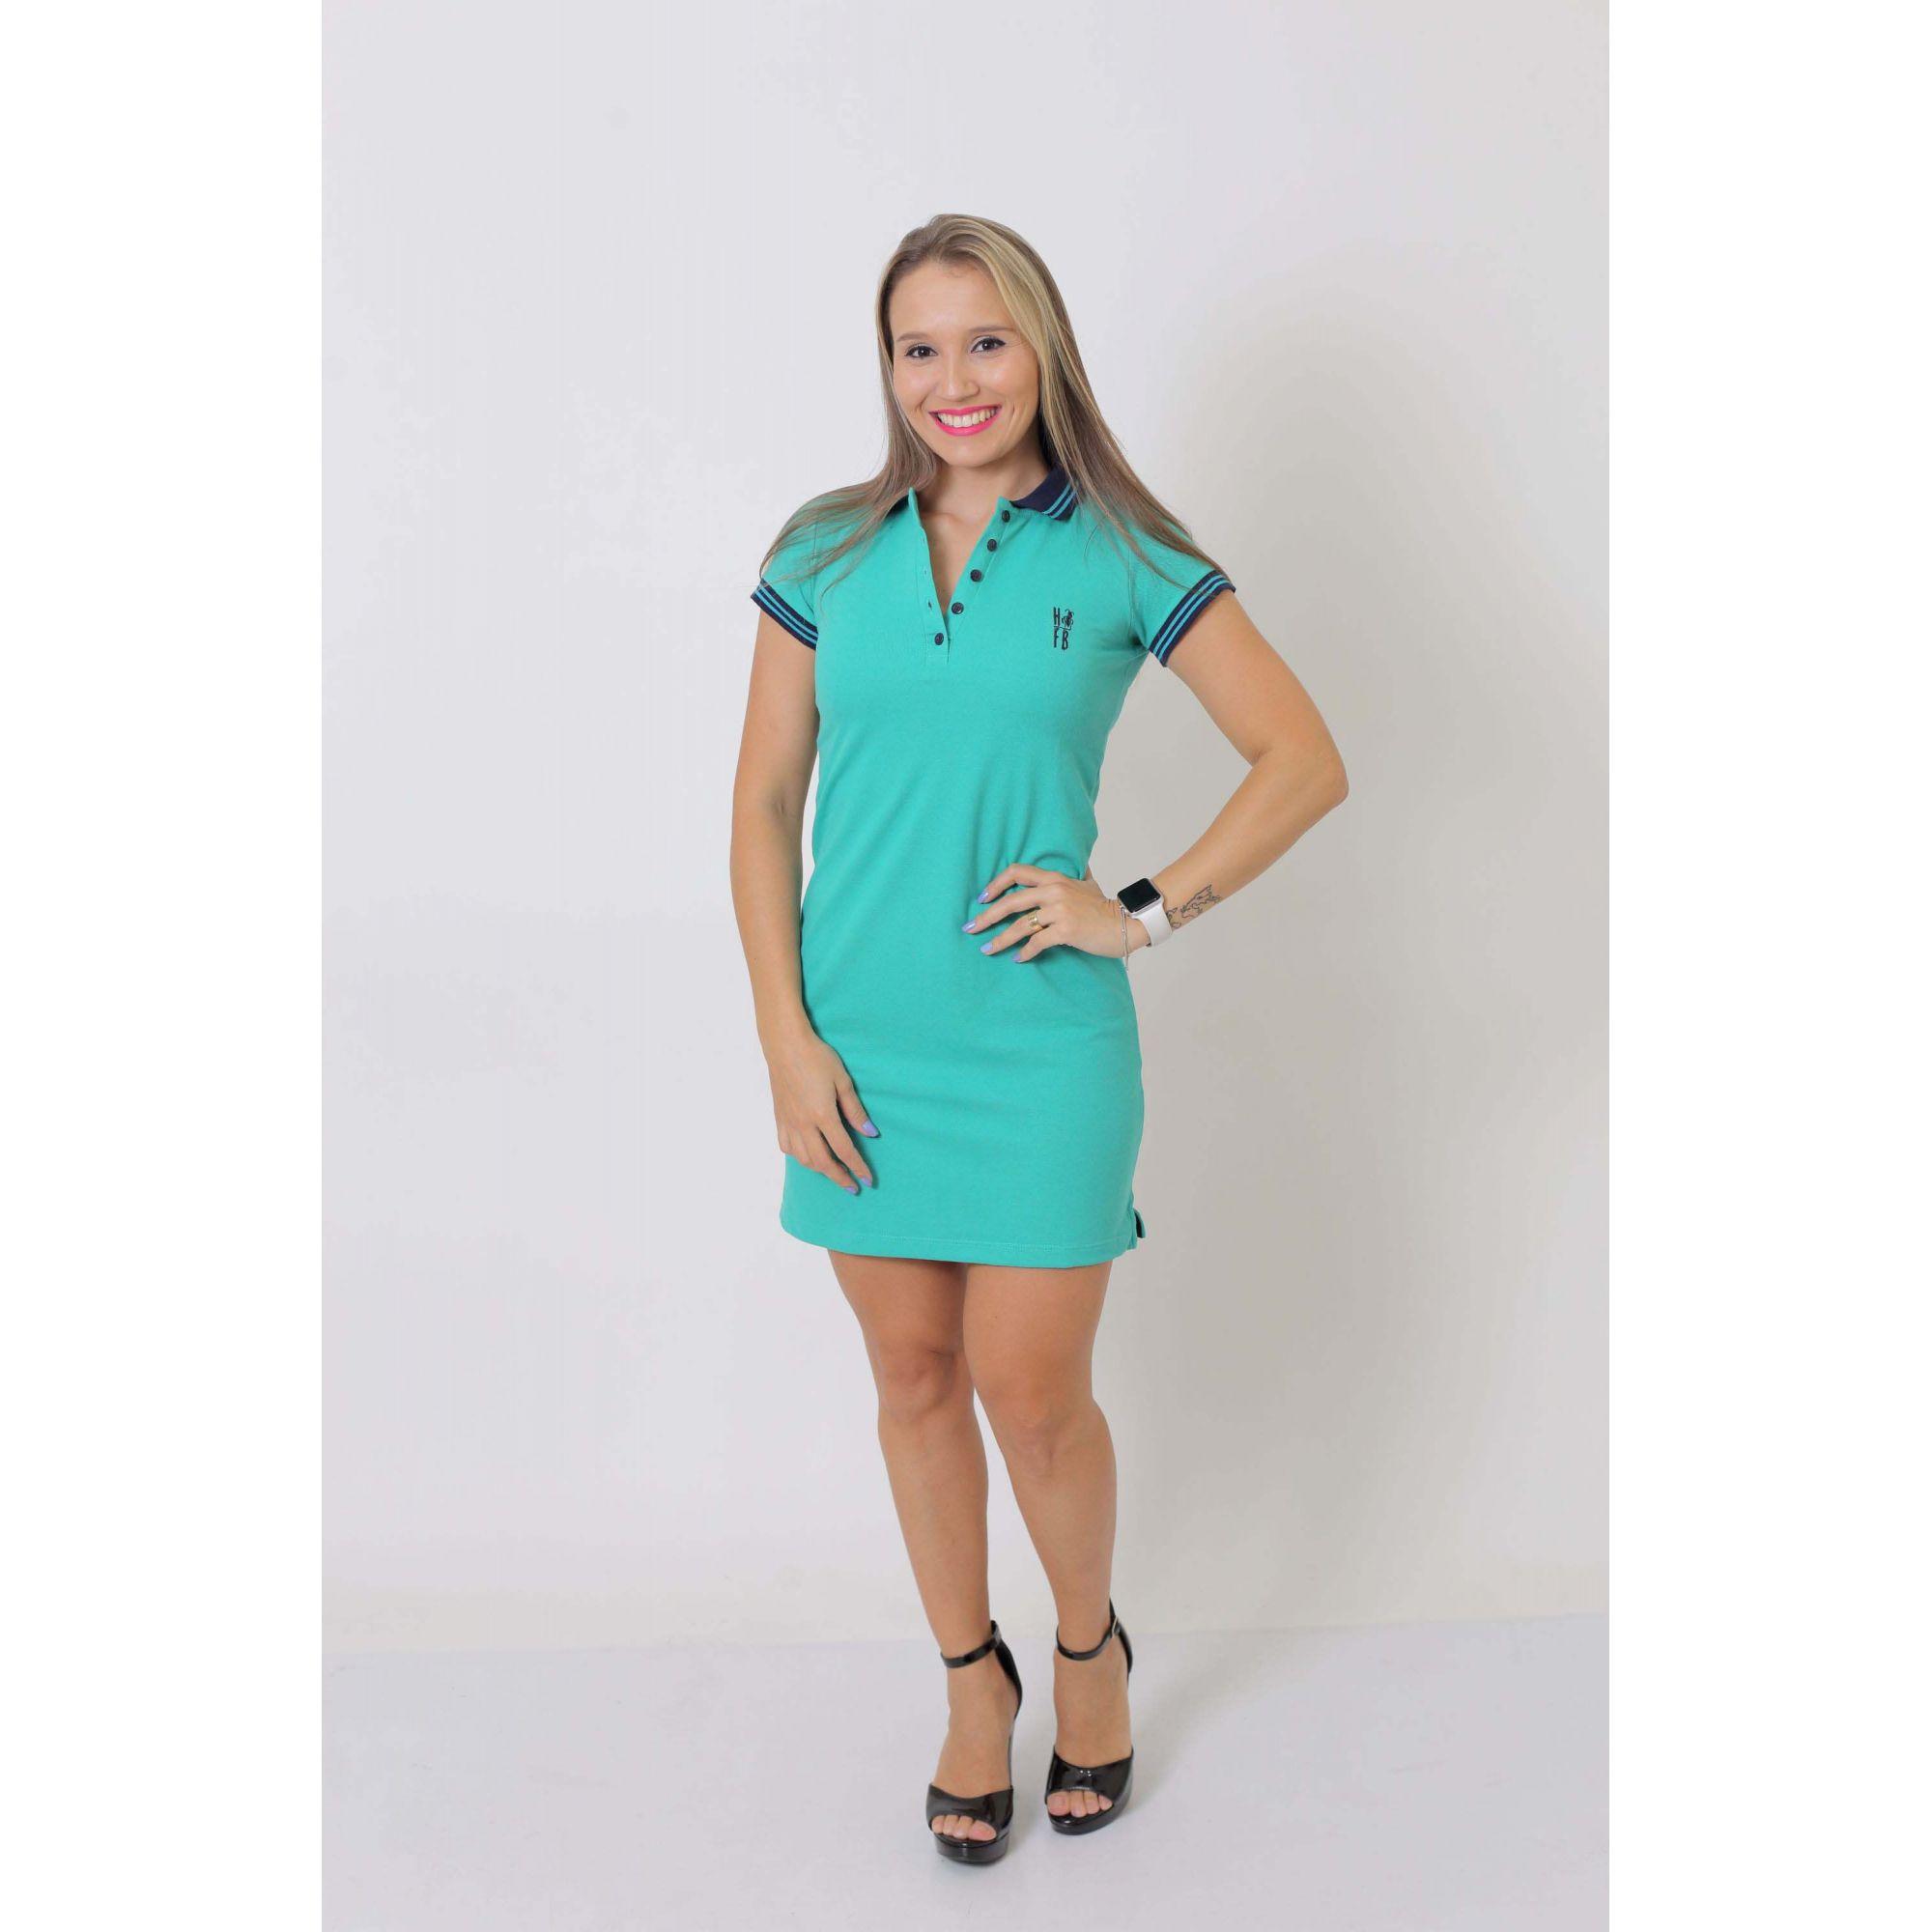 MÃE E FILHO > Kit 02 peças Vestido e Camisa ou Body Polo Verde Jade [Coleção Tal Mãe Tal Filho]  - Heitor Fashion Brazil